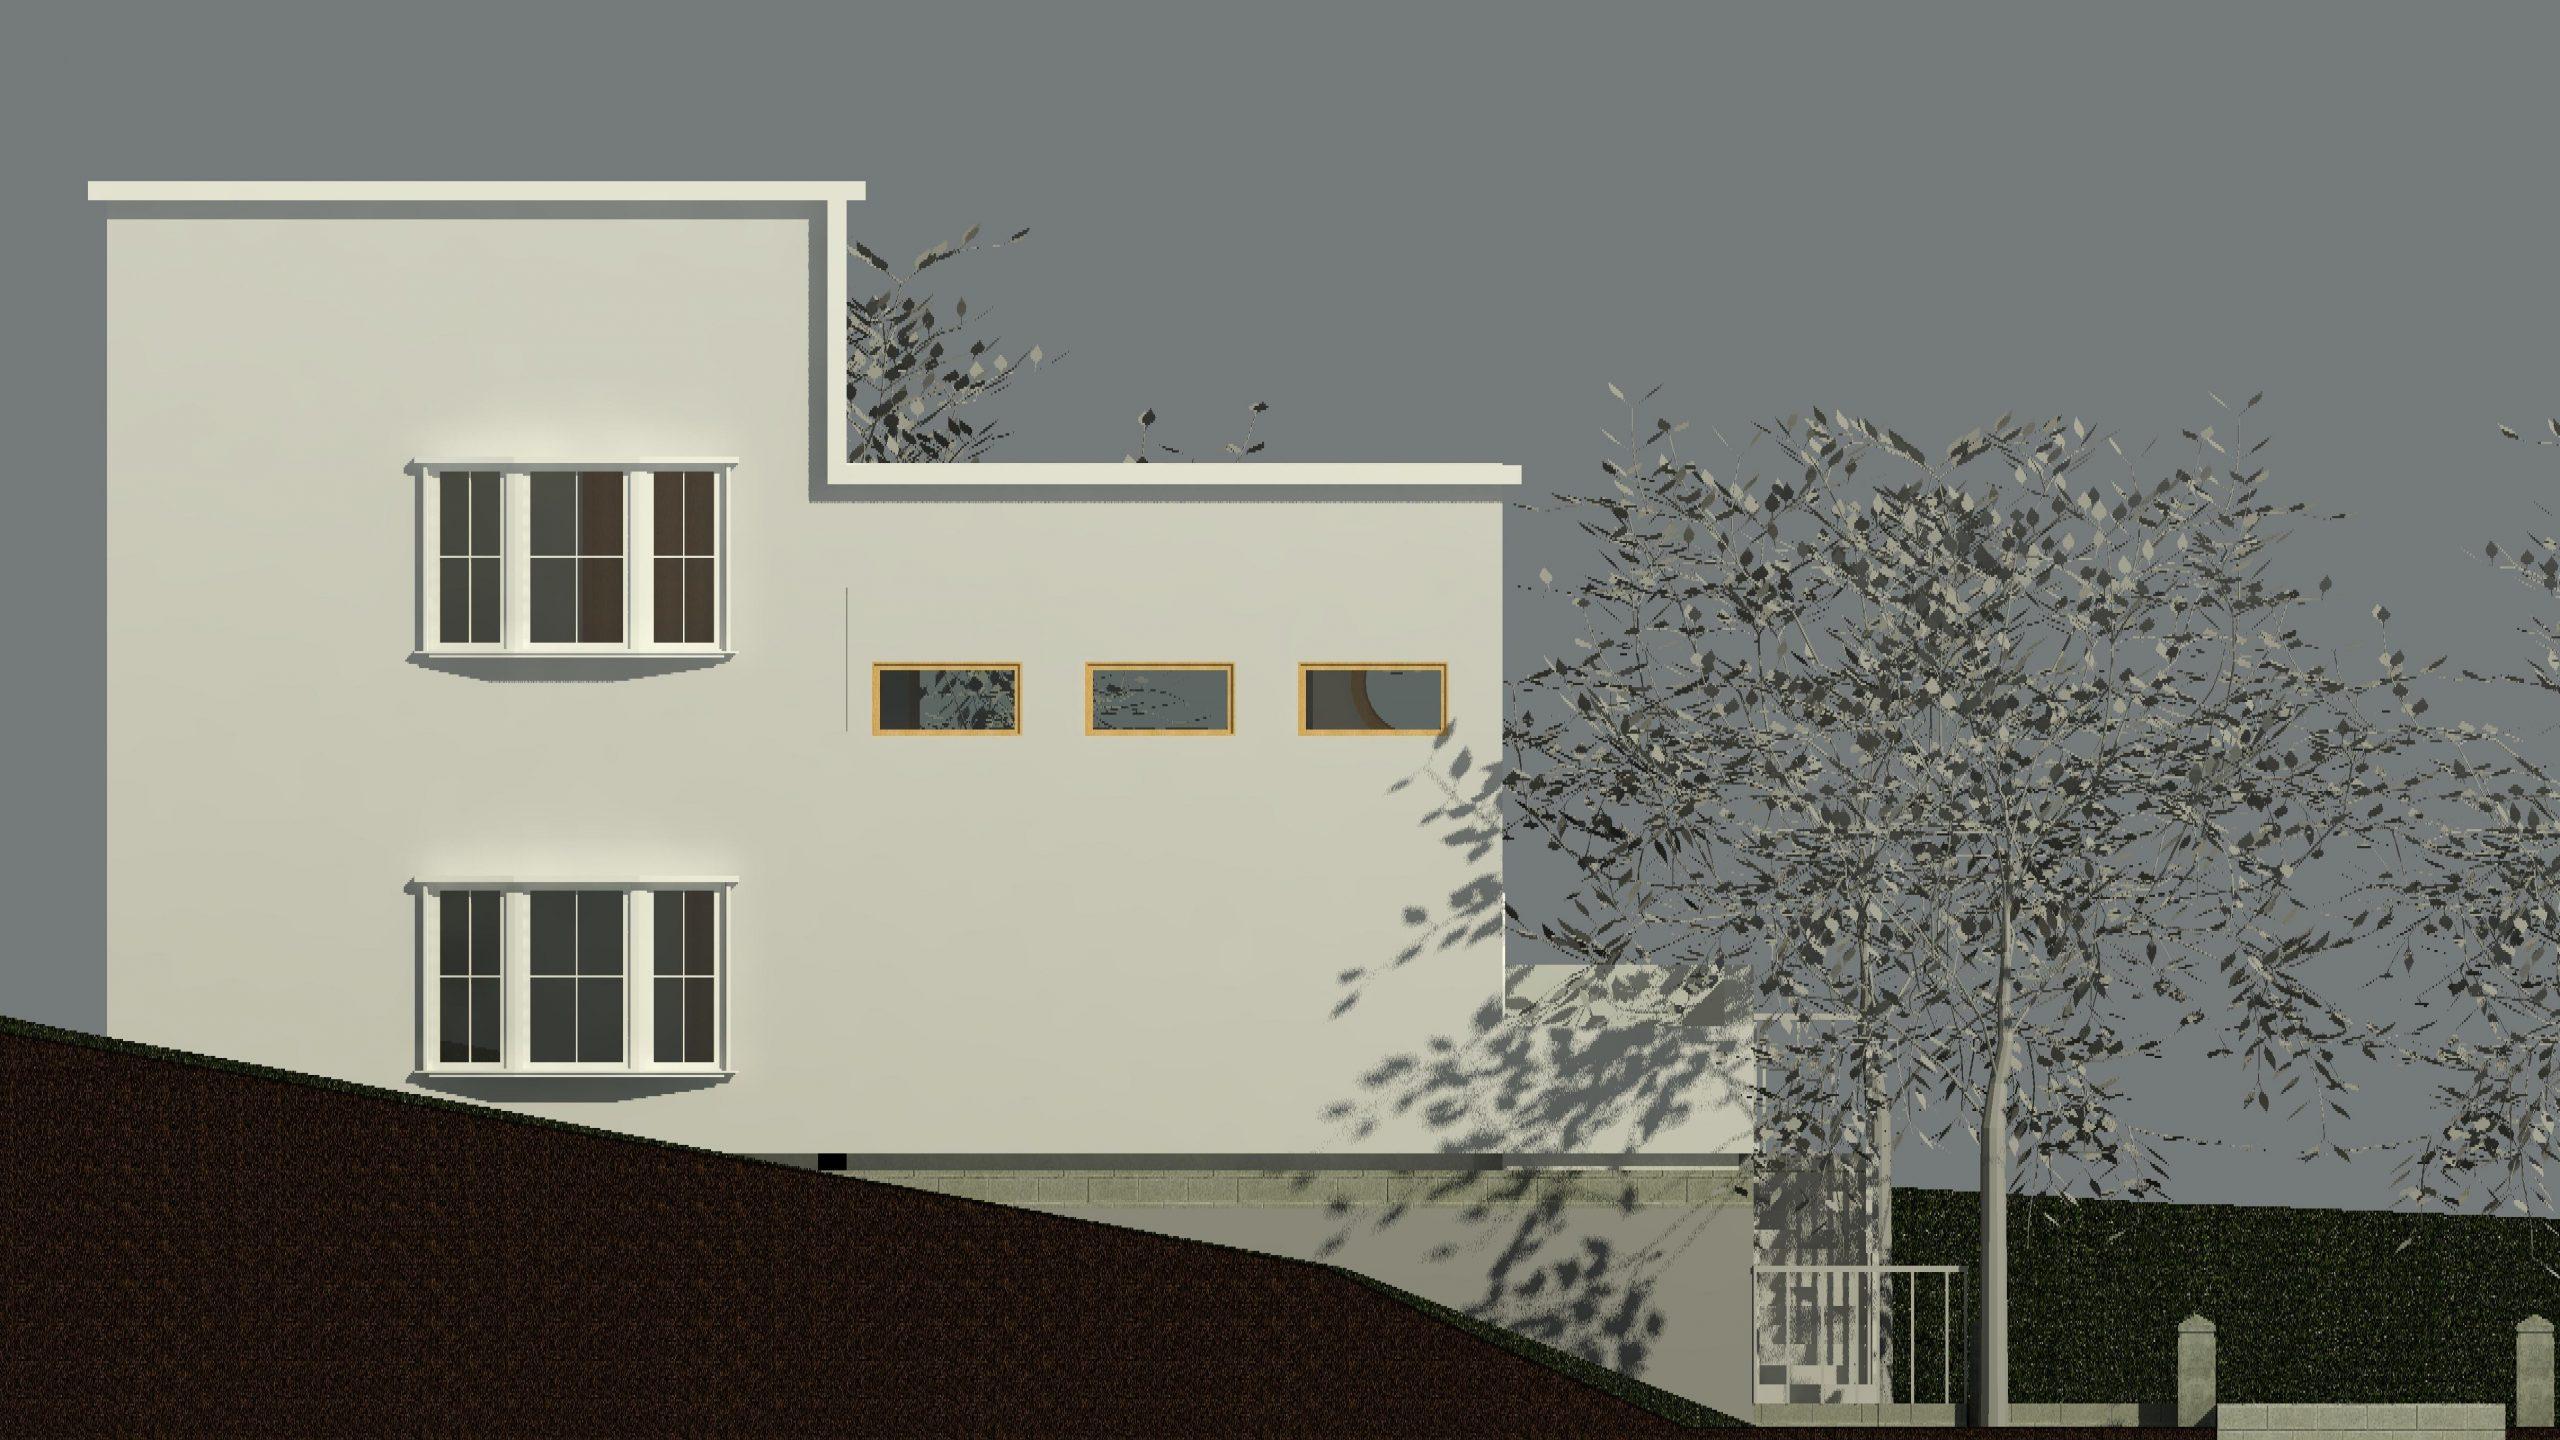 An animated house